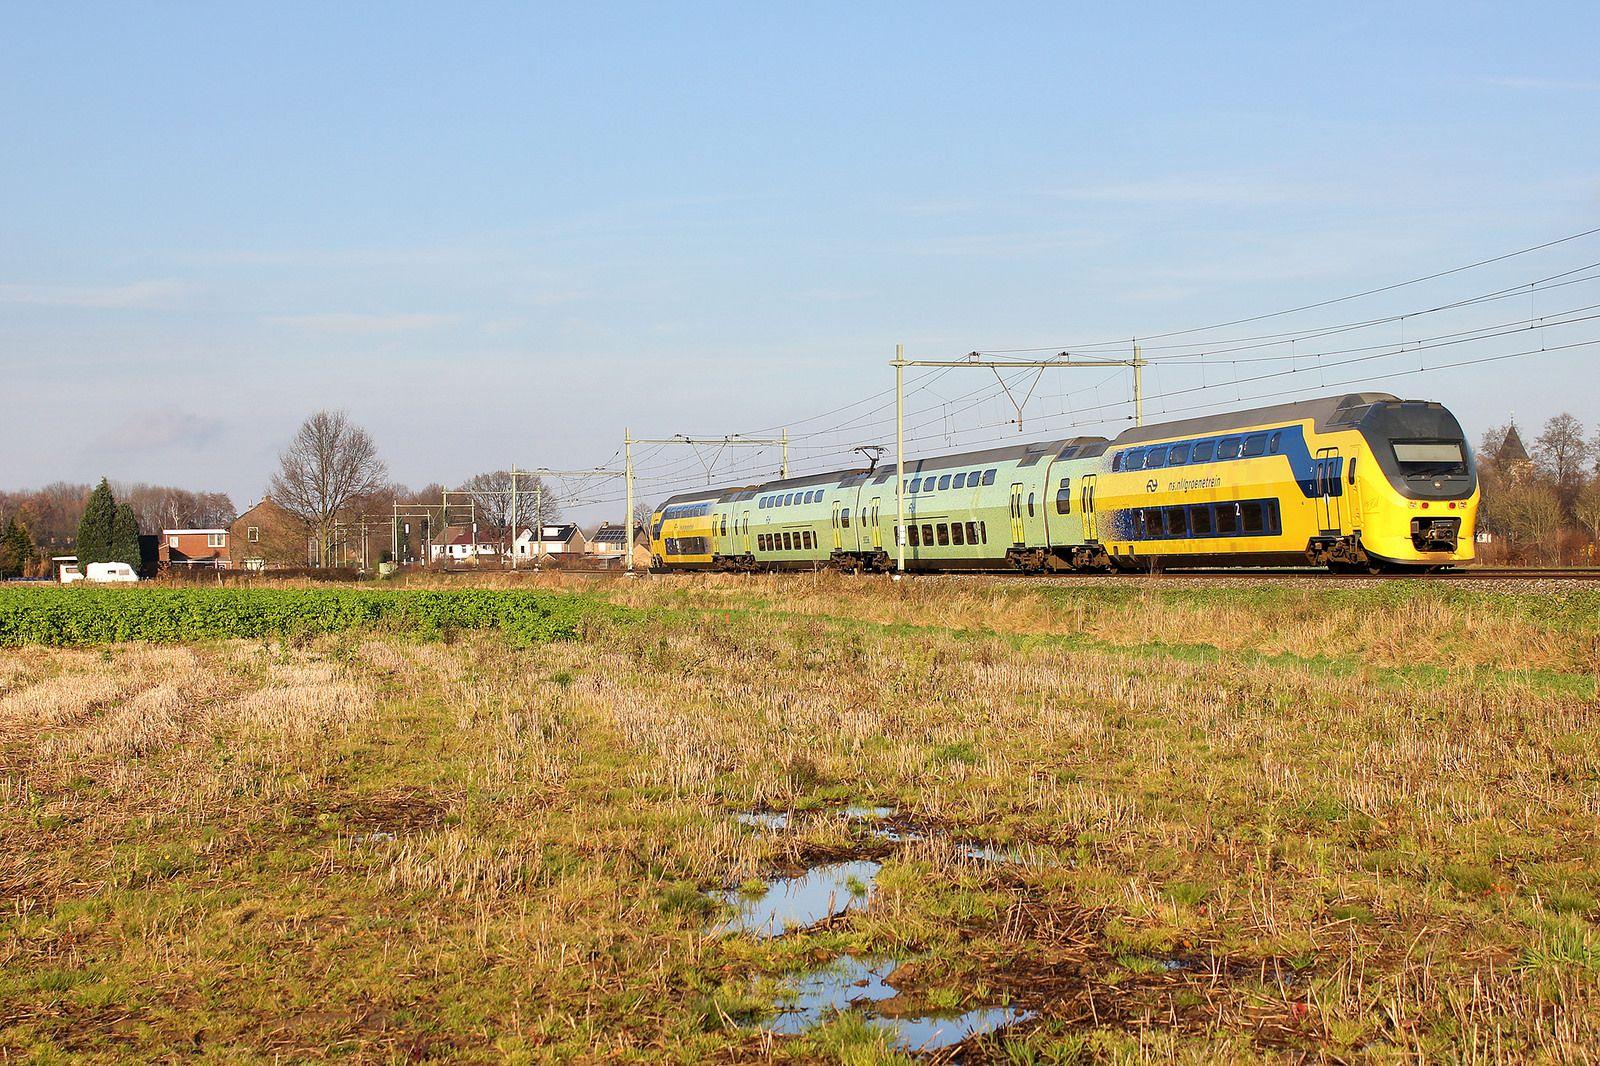 NSR 9556 als IC 841 bij Nieuwstadt. 14 December 2014